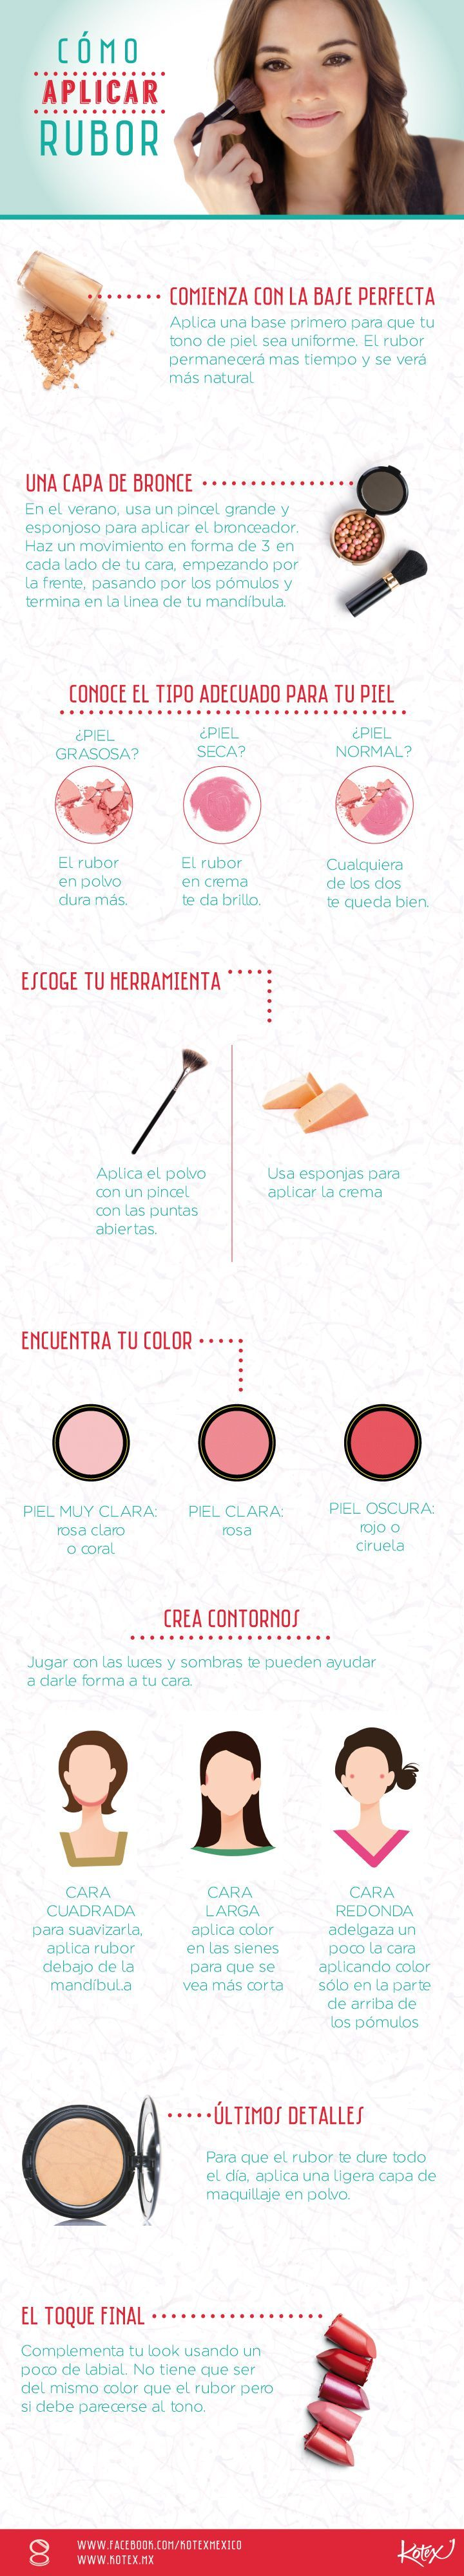 Cómo aplicar rubor según cada tipo de cara. #rubor #infografia